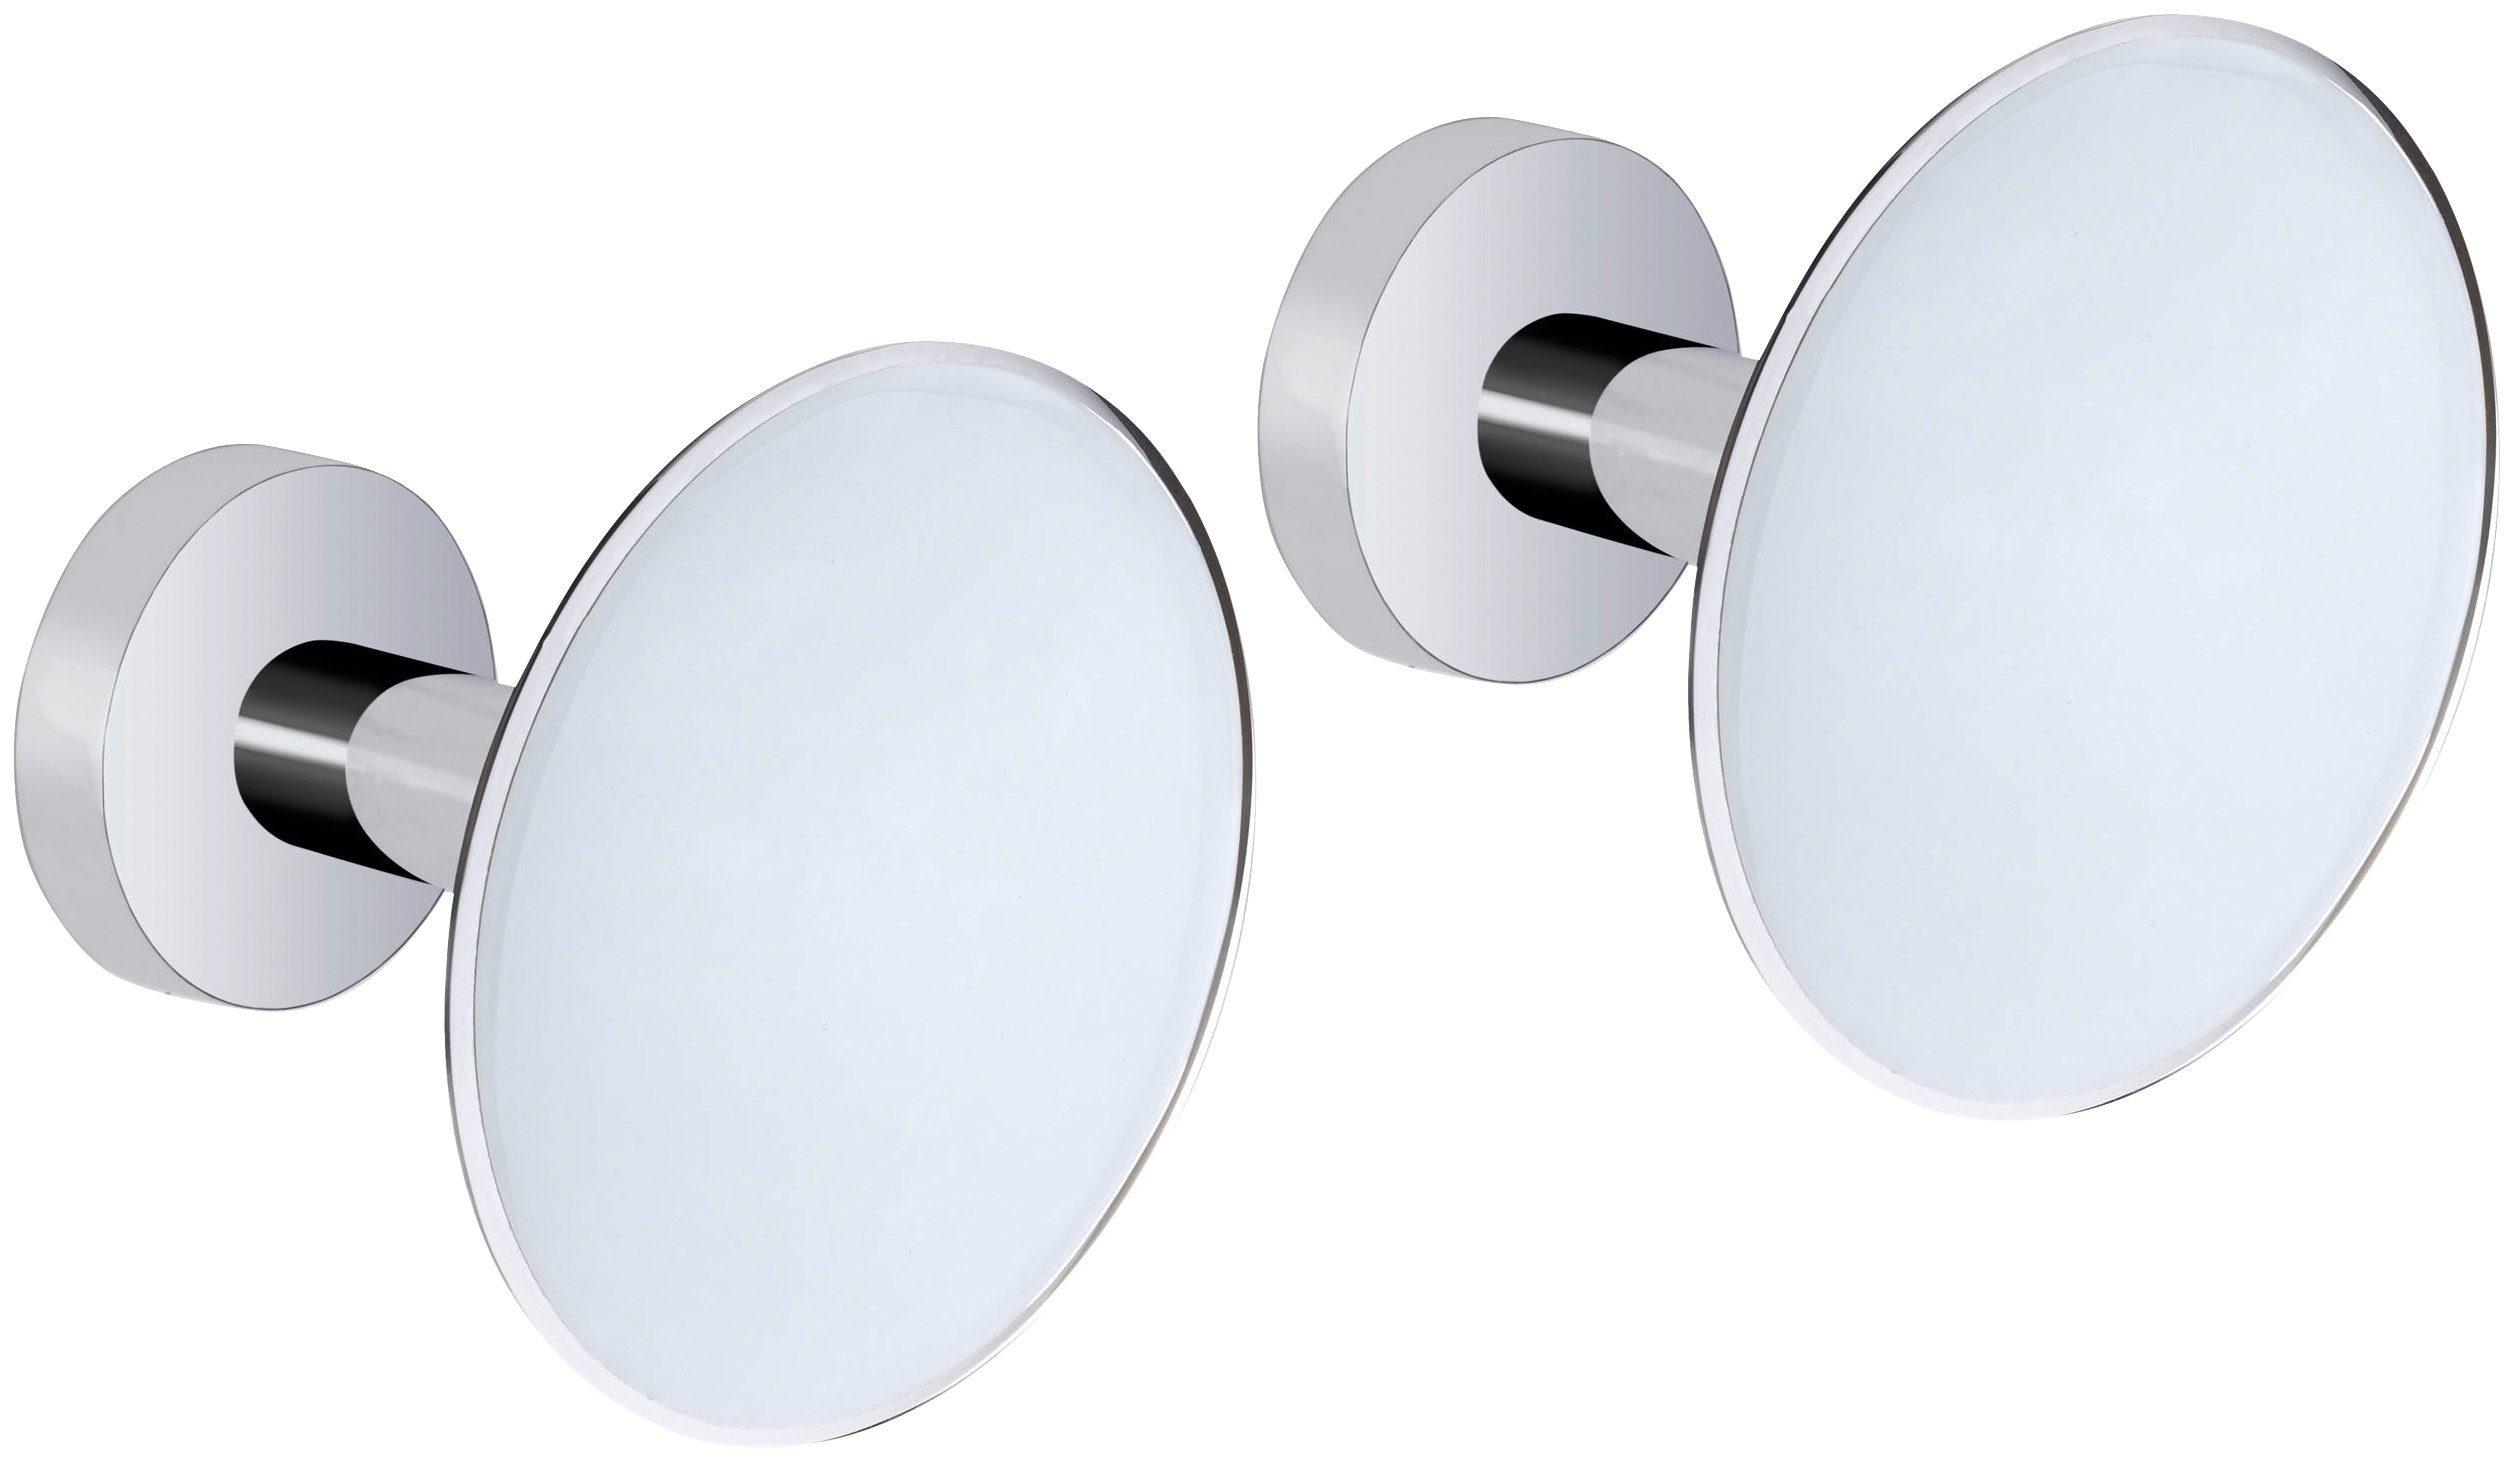 WENKO Wandhaken »Design Wandhaken White«, 2er-Set